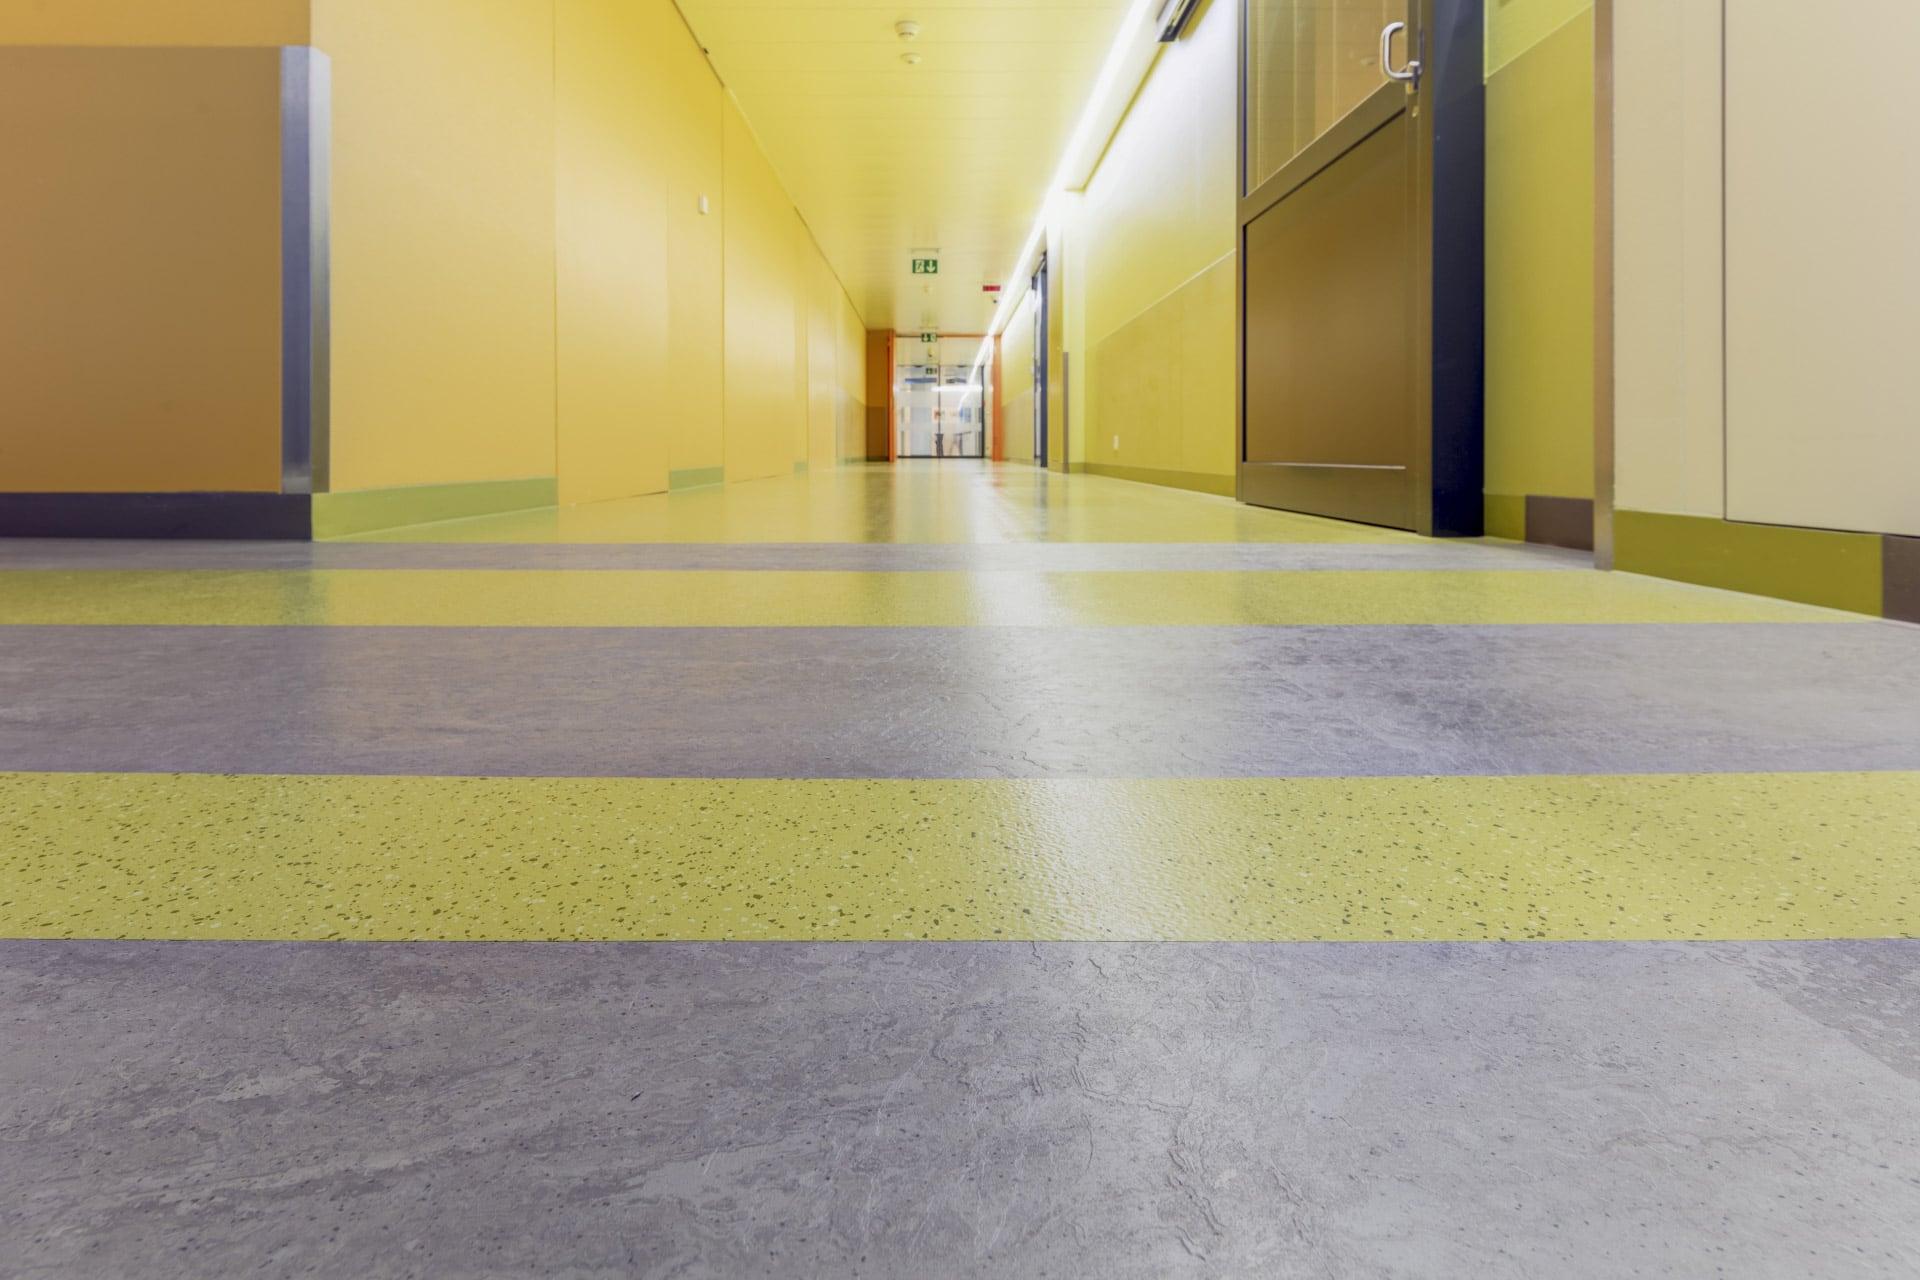 Klinikfotografie in der Schweiz